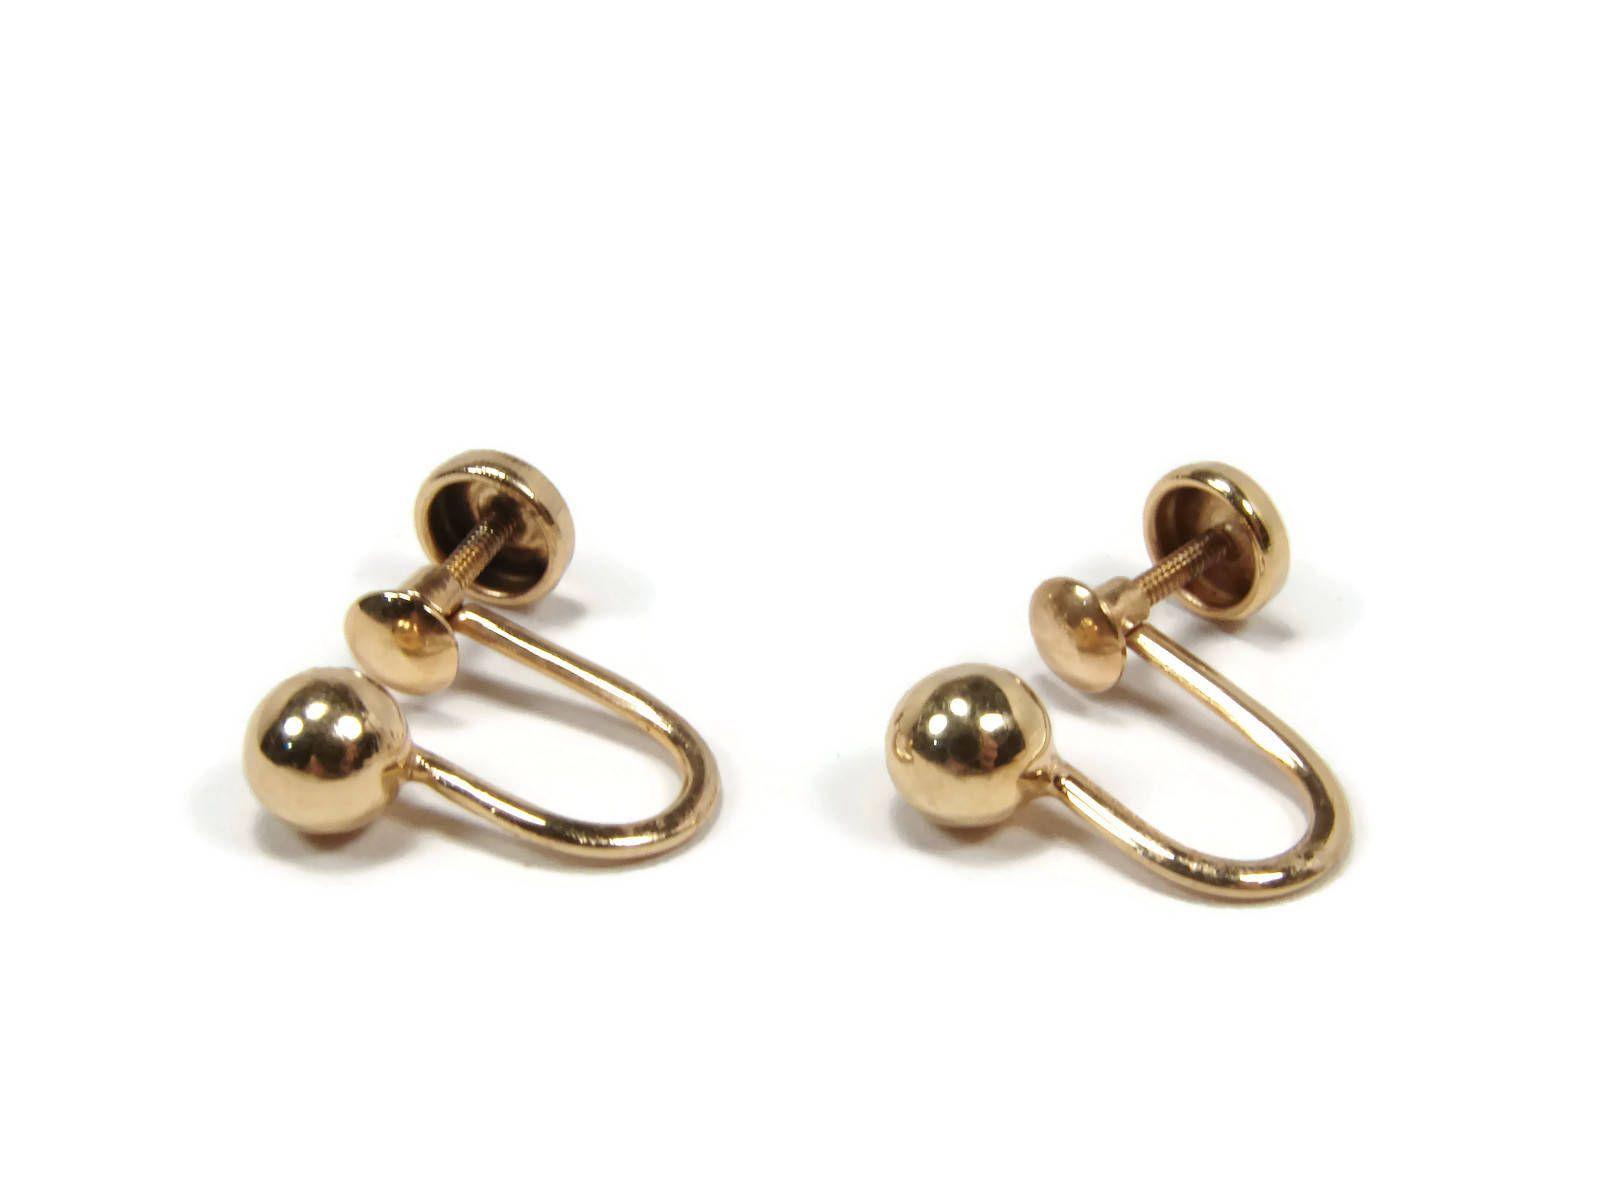 227acc1b3 10K Gold Screw Back Earrings, Yellow Gold, Vintage Gold Earrings, Ball  Earrings, 1940s Jewelry, Estate Jewelry by VintageGemz on Etsy